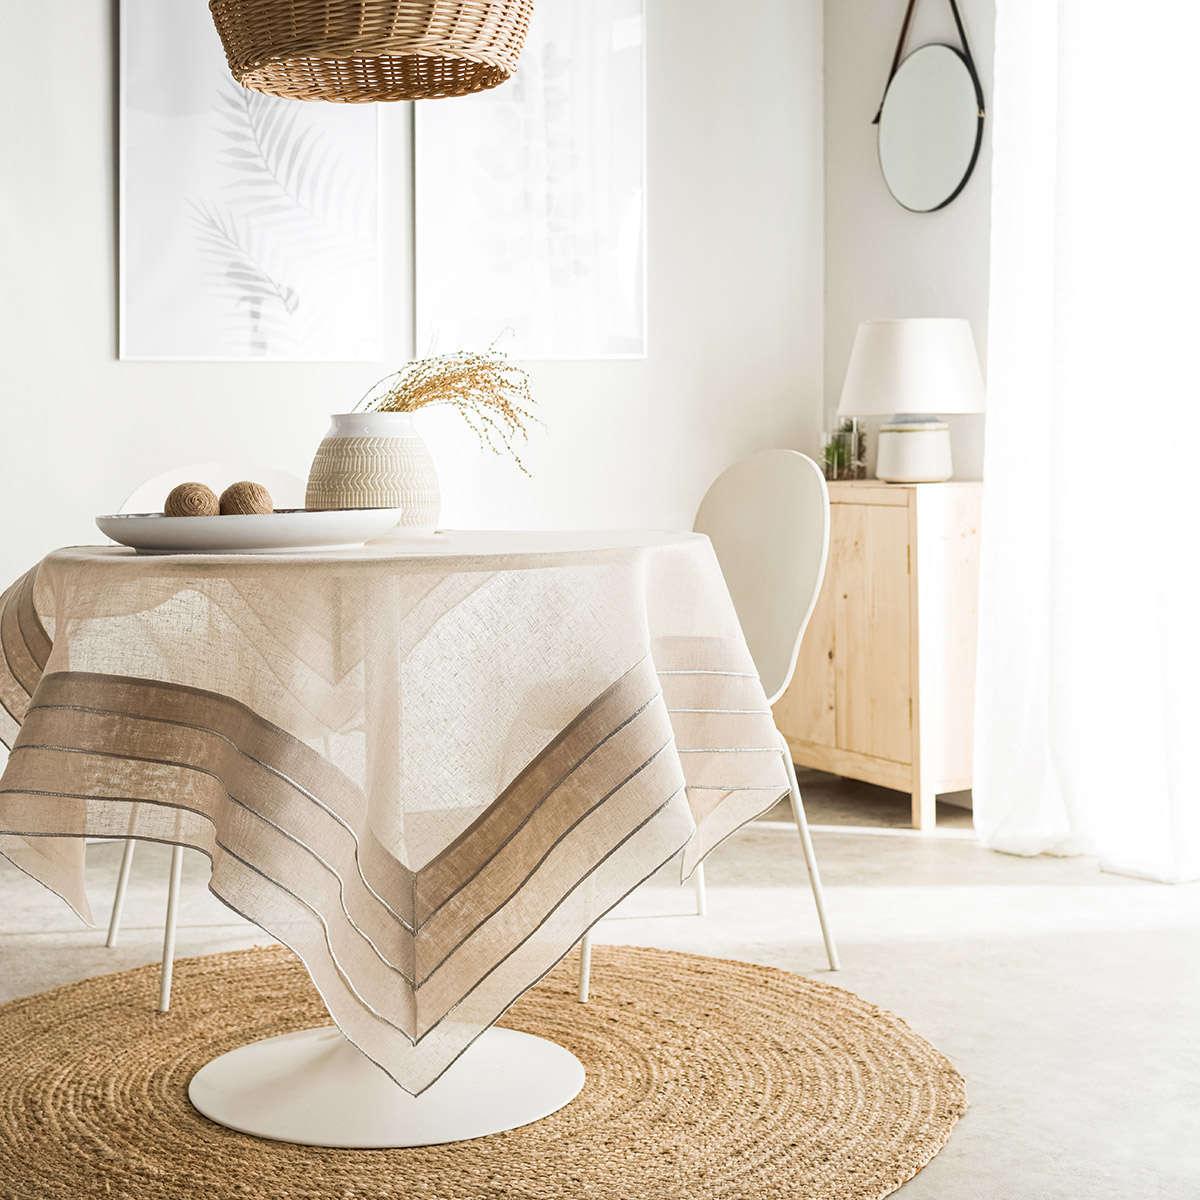 Τραπεζομάντηλο Beatrice Linen 619/06 Gofis Home 120X120